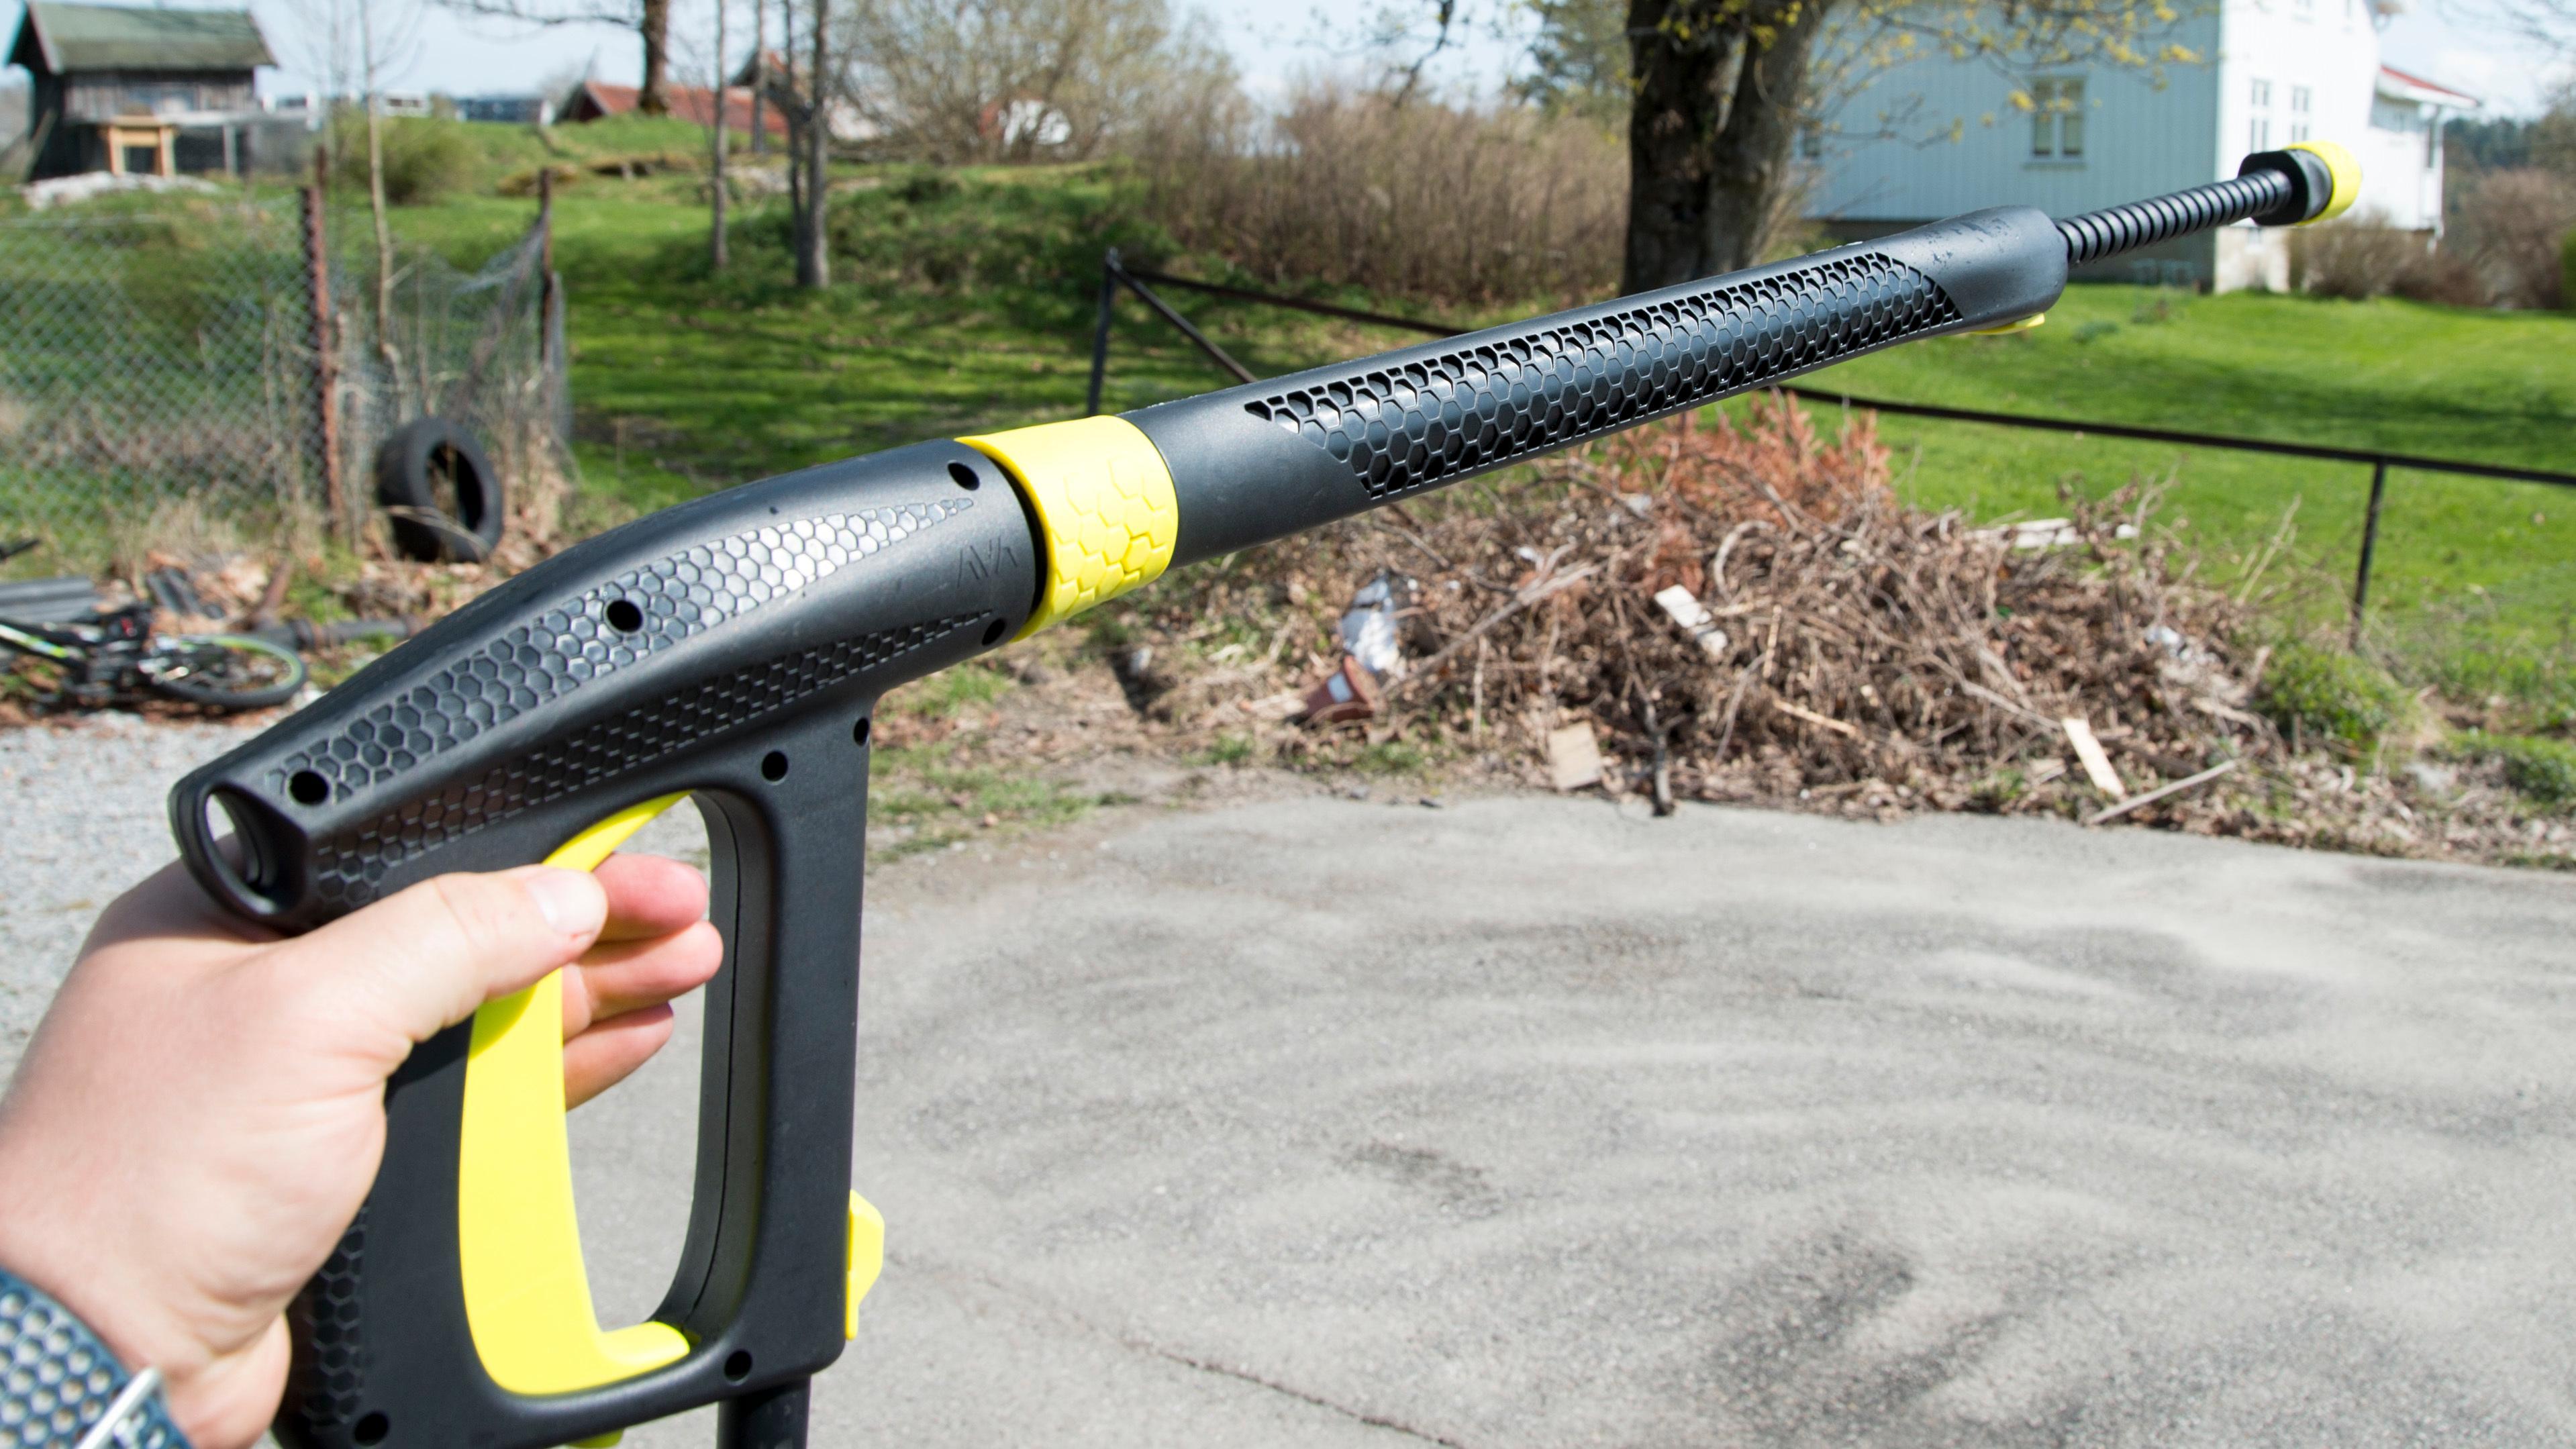 Lansen kan trekkes ut ved hjelp av et enkelt grep.